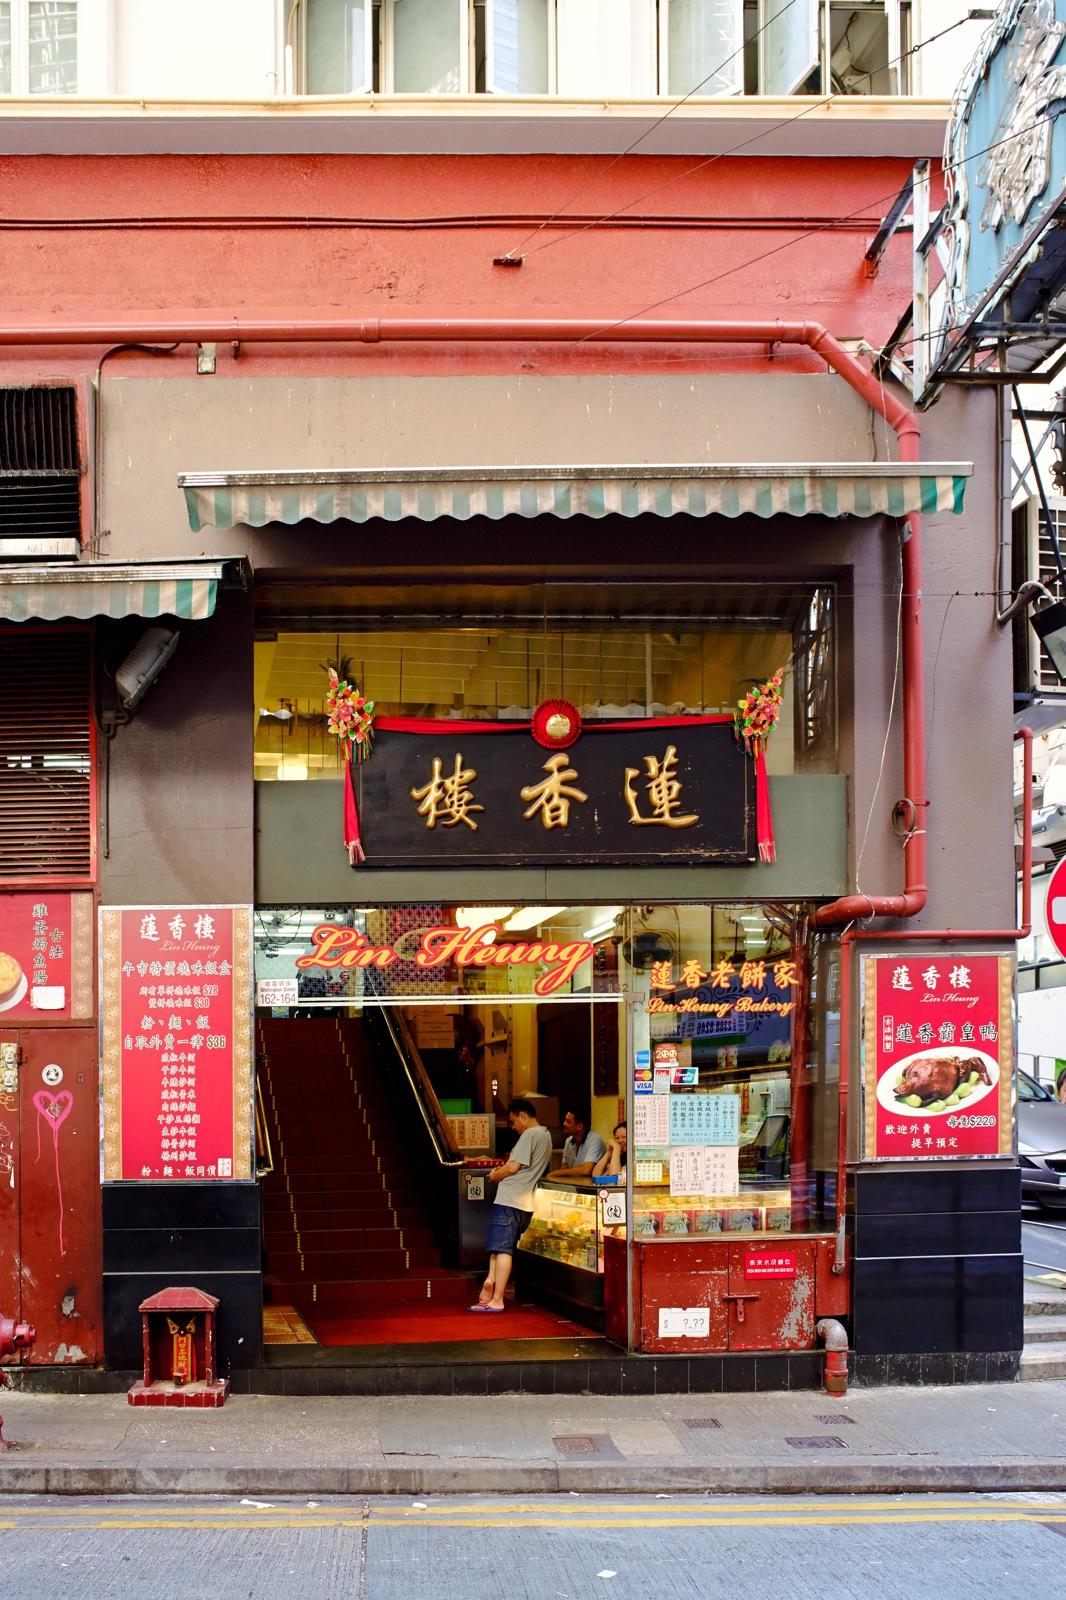 香港 3 (圖超多, 應觀眾要求拆成三段, 補上文字與編號)